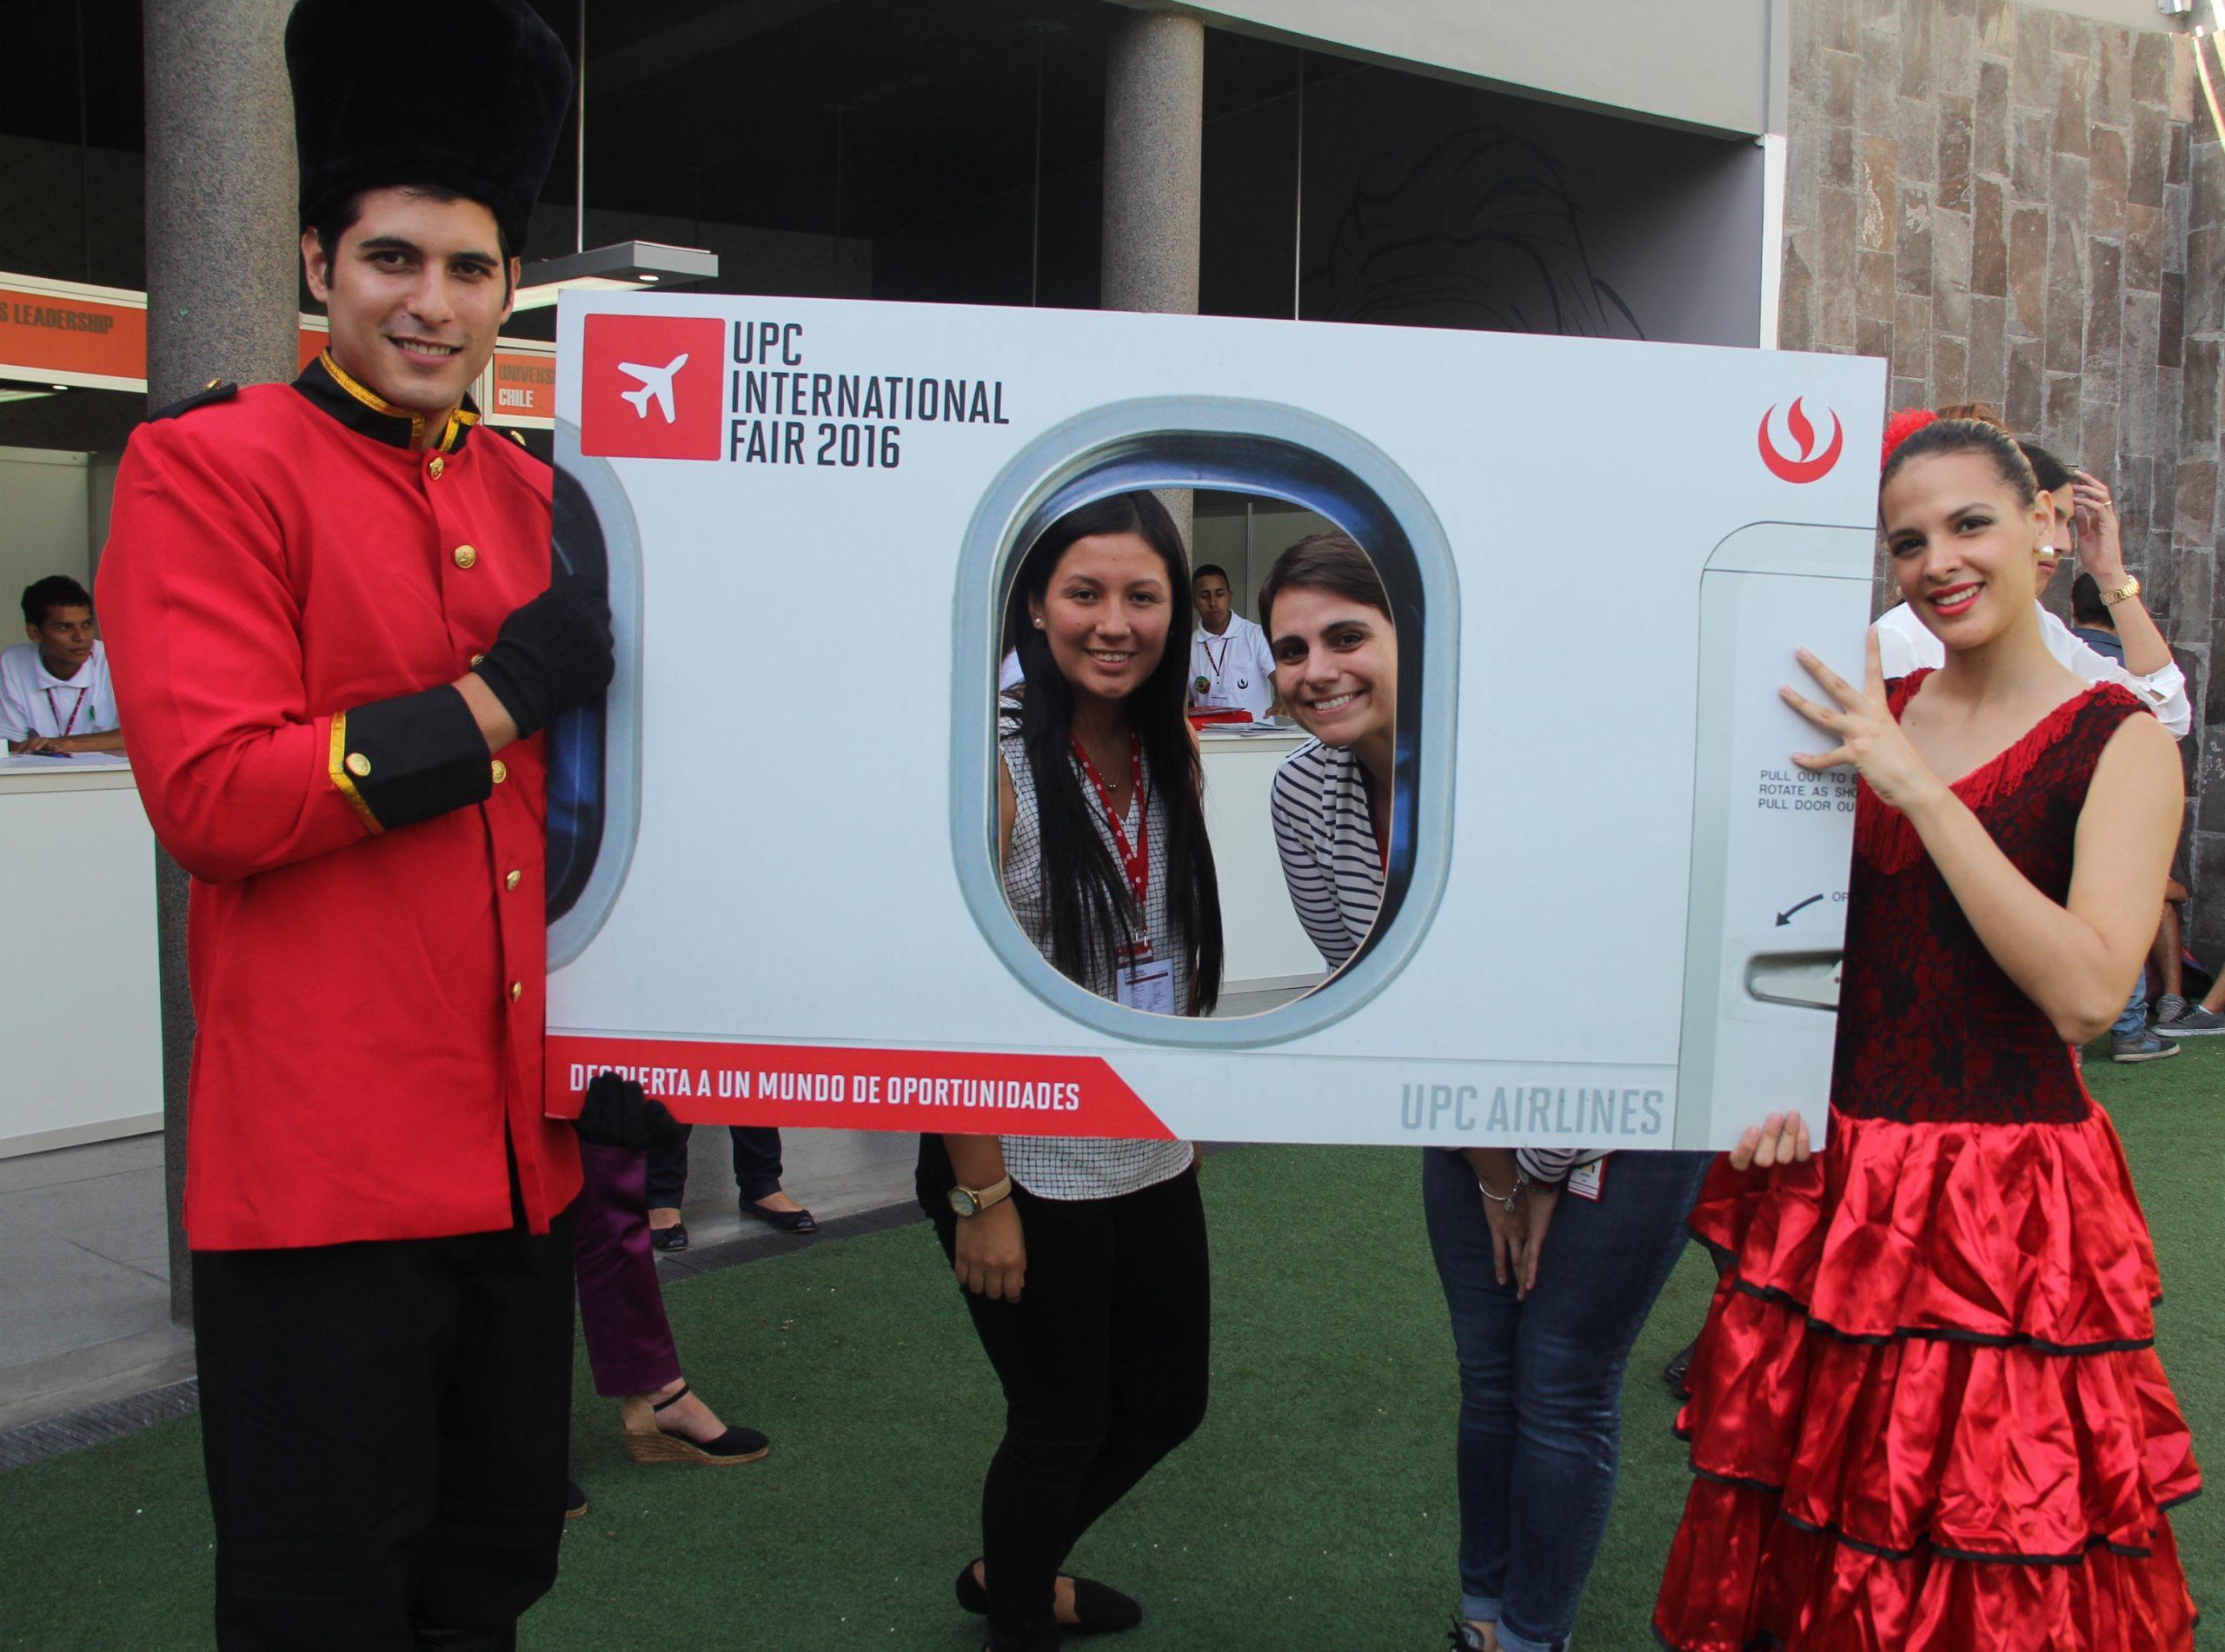 UPC realizó con éxito la International Fair 2016